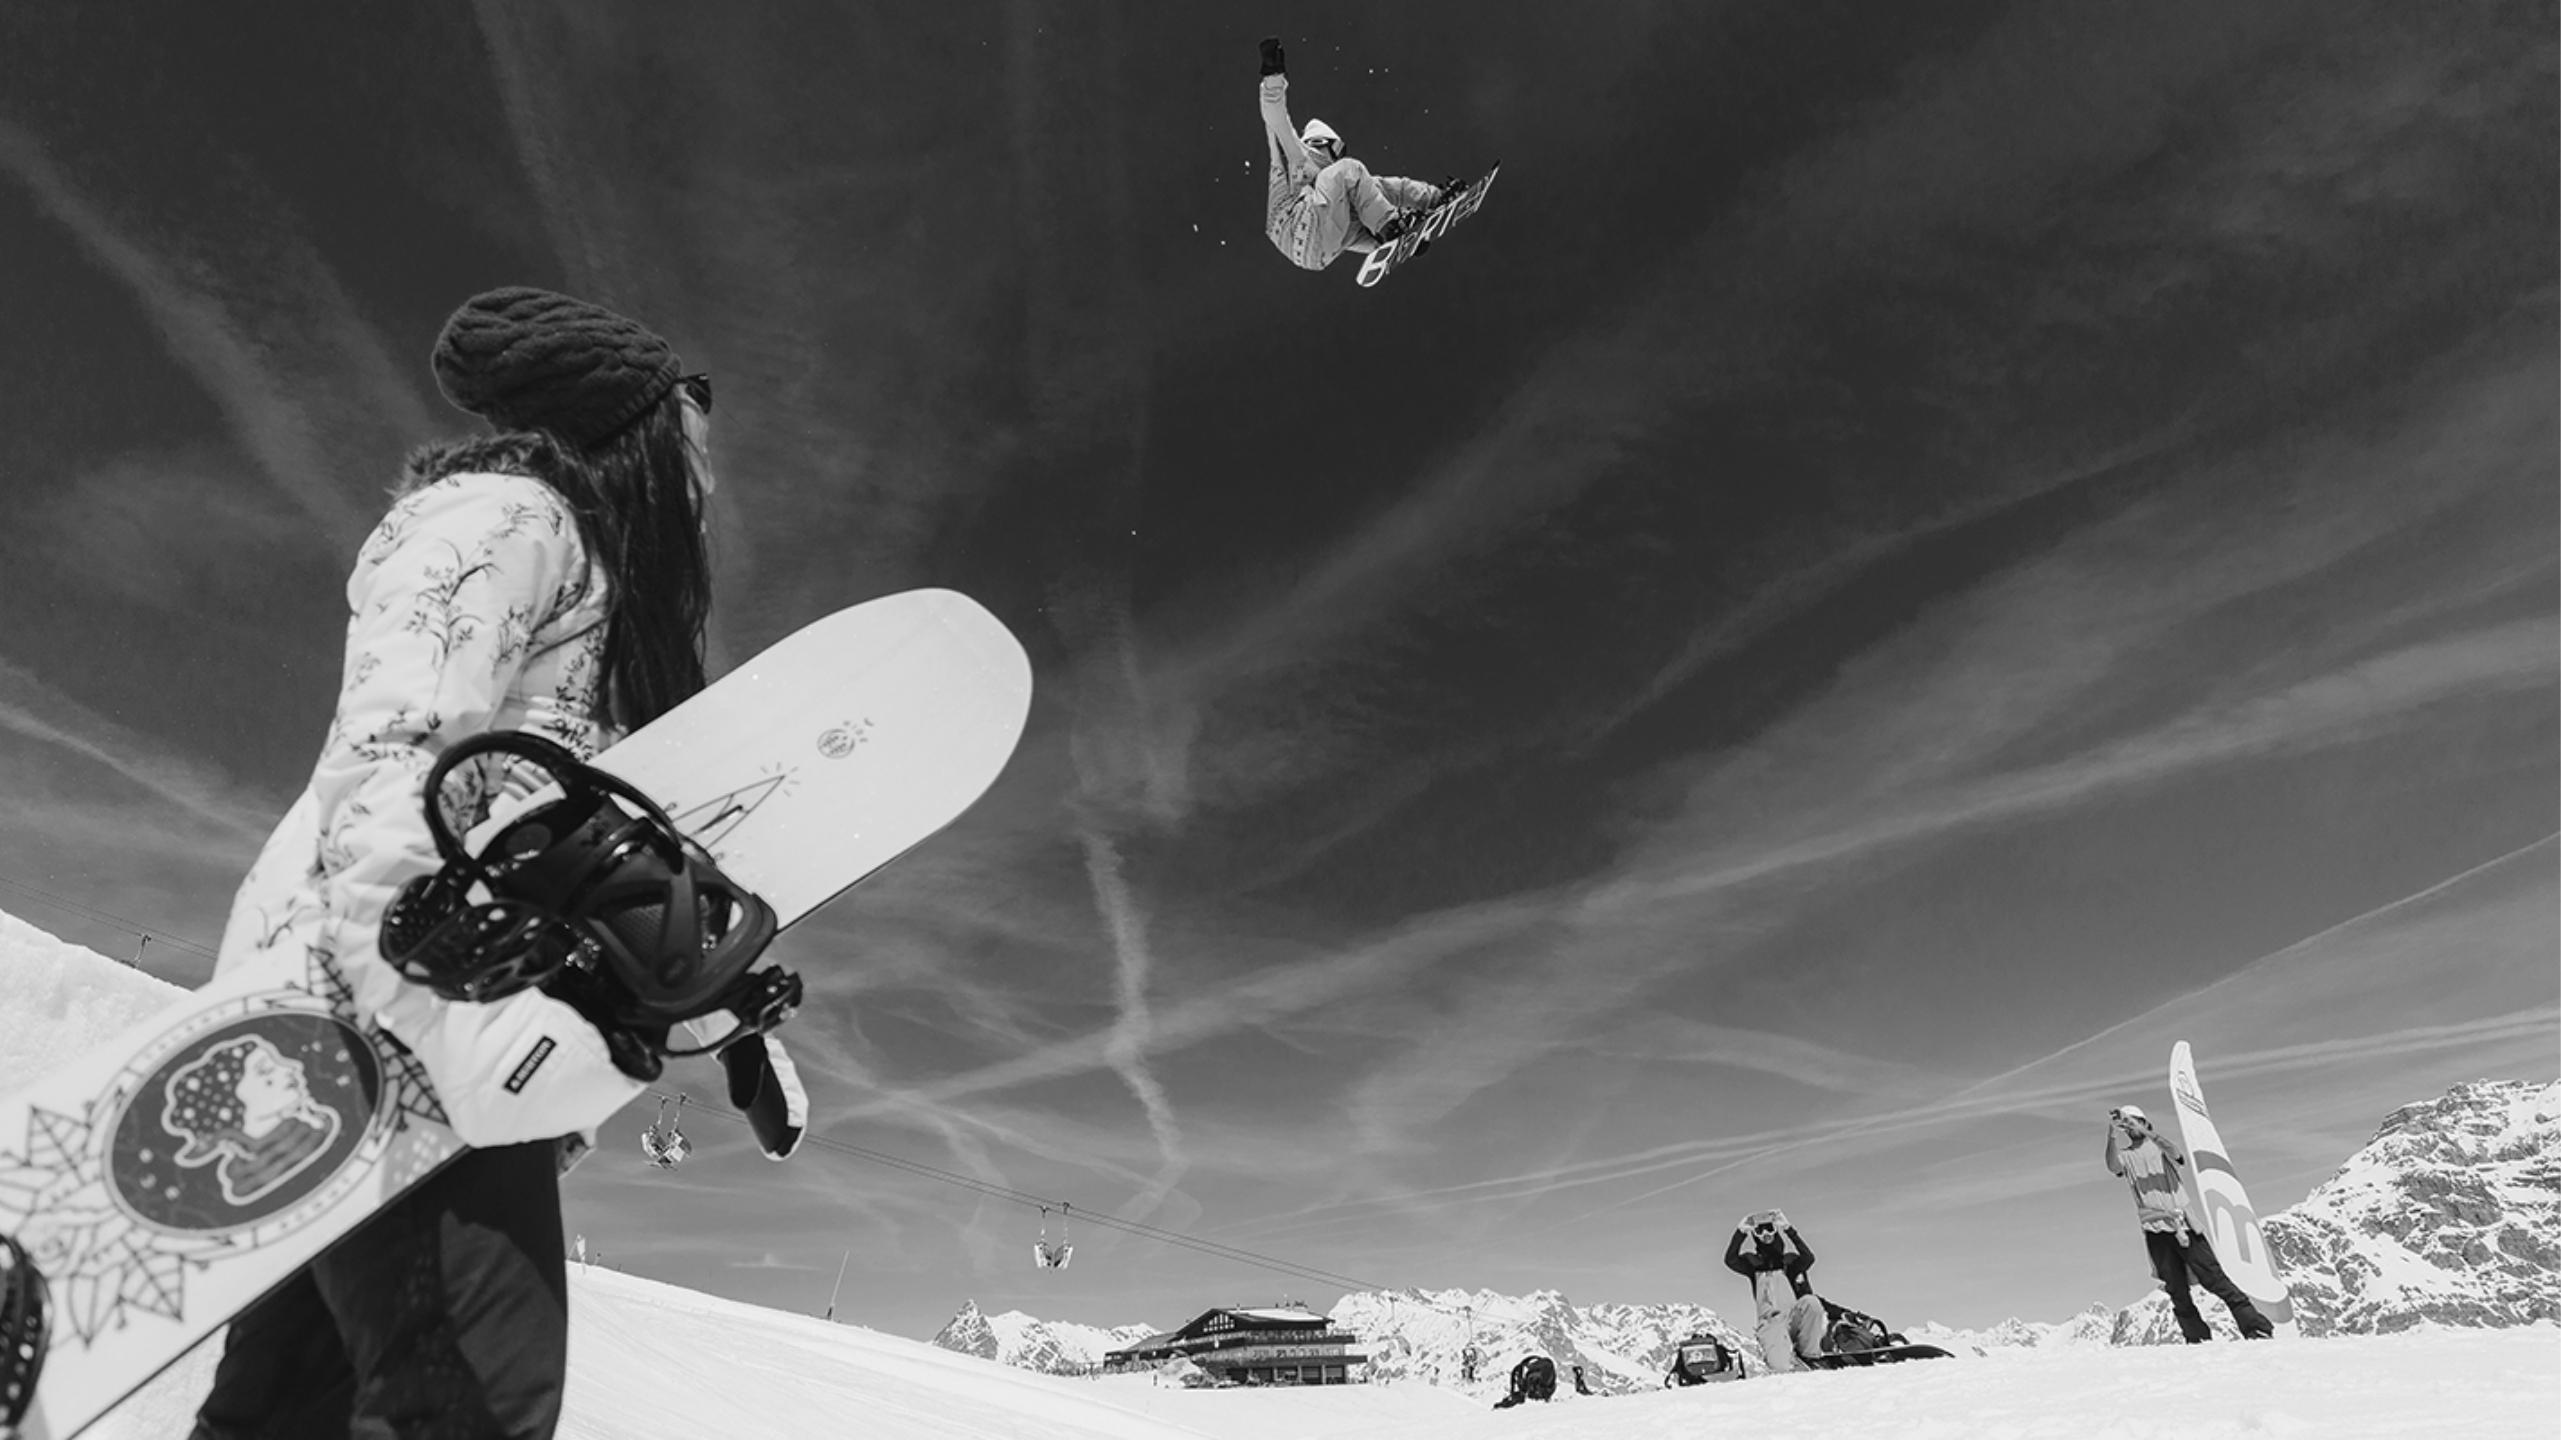 Schwarzweiss Bild von einem Snowboarder im Stunt